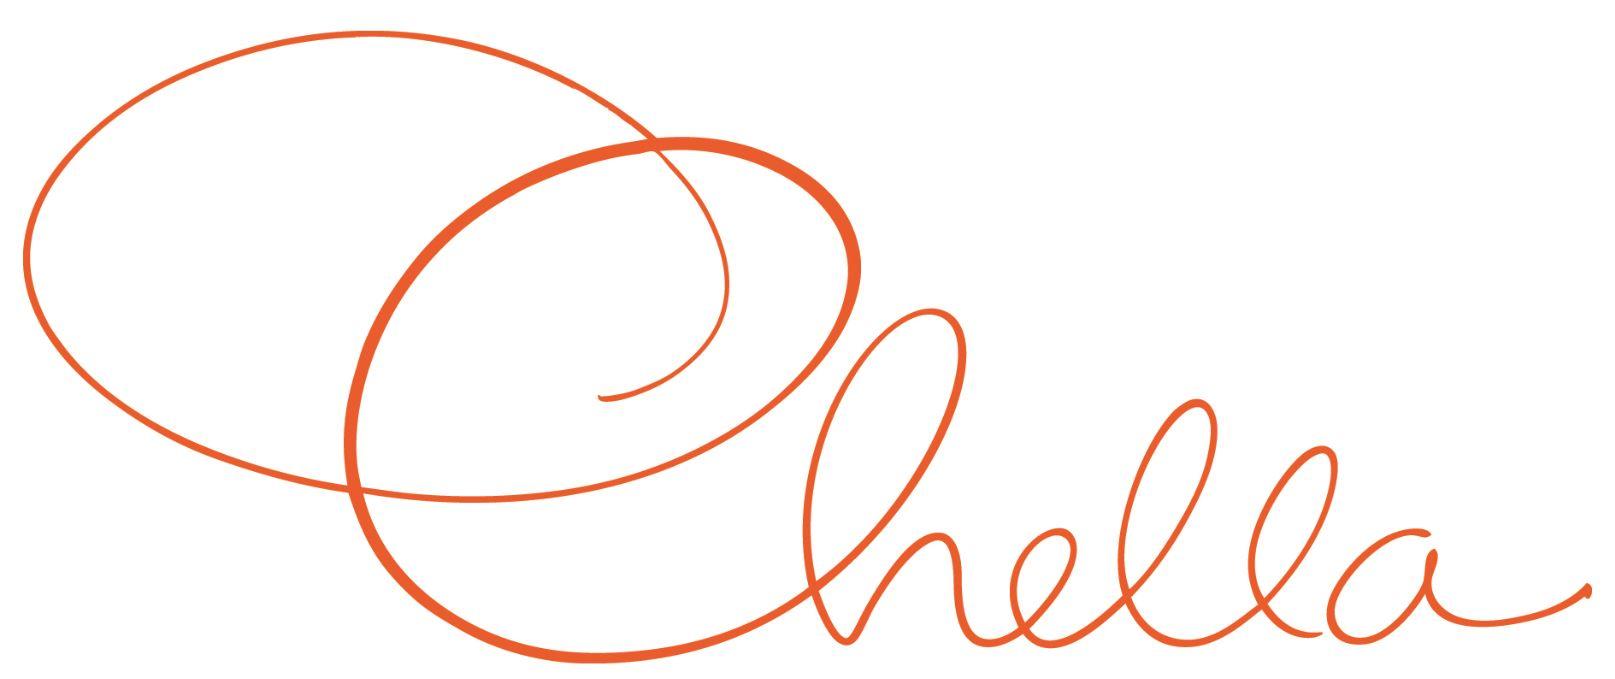 Chella's logo